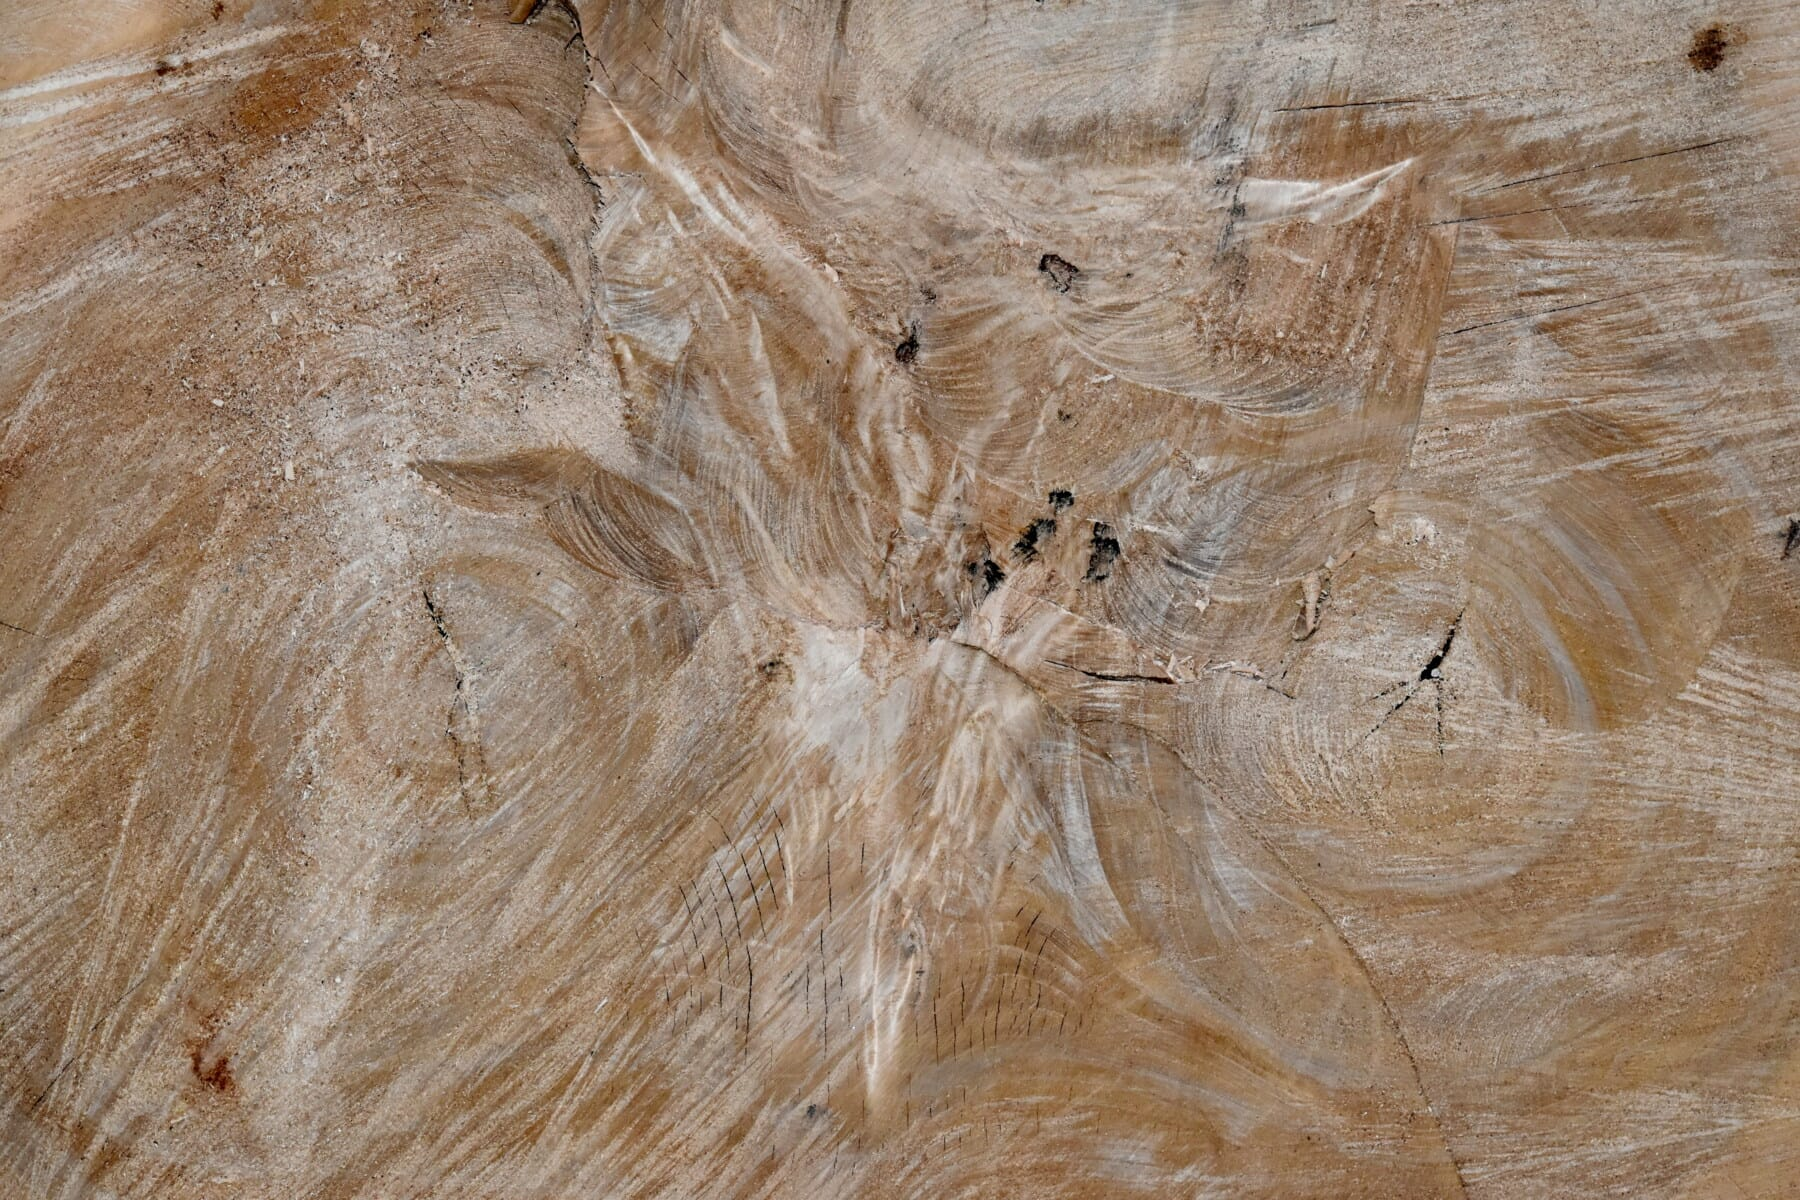 结, 木材, 横断面, 浅褐色, 大, 纹理, 性质, 粗糙, 模式, 老